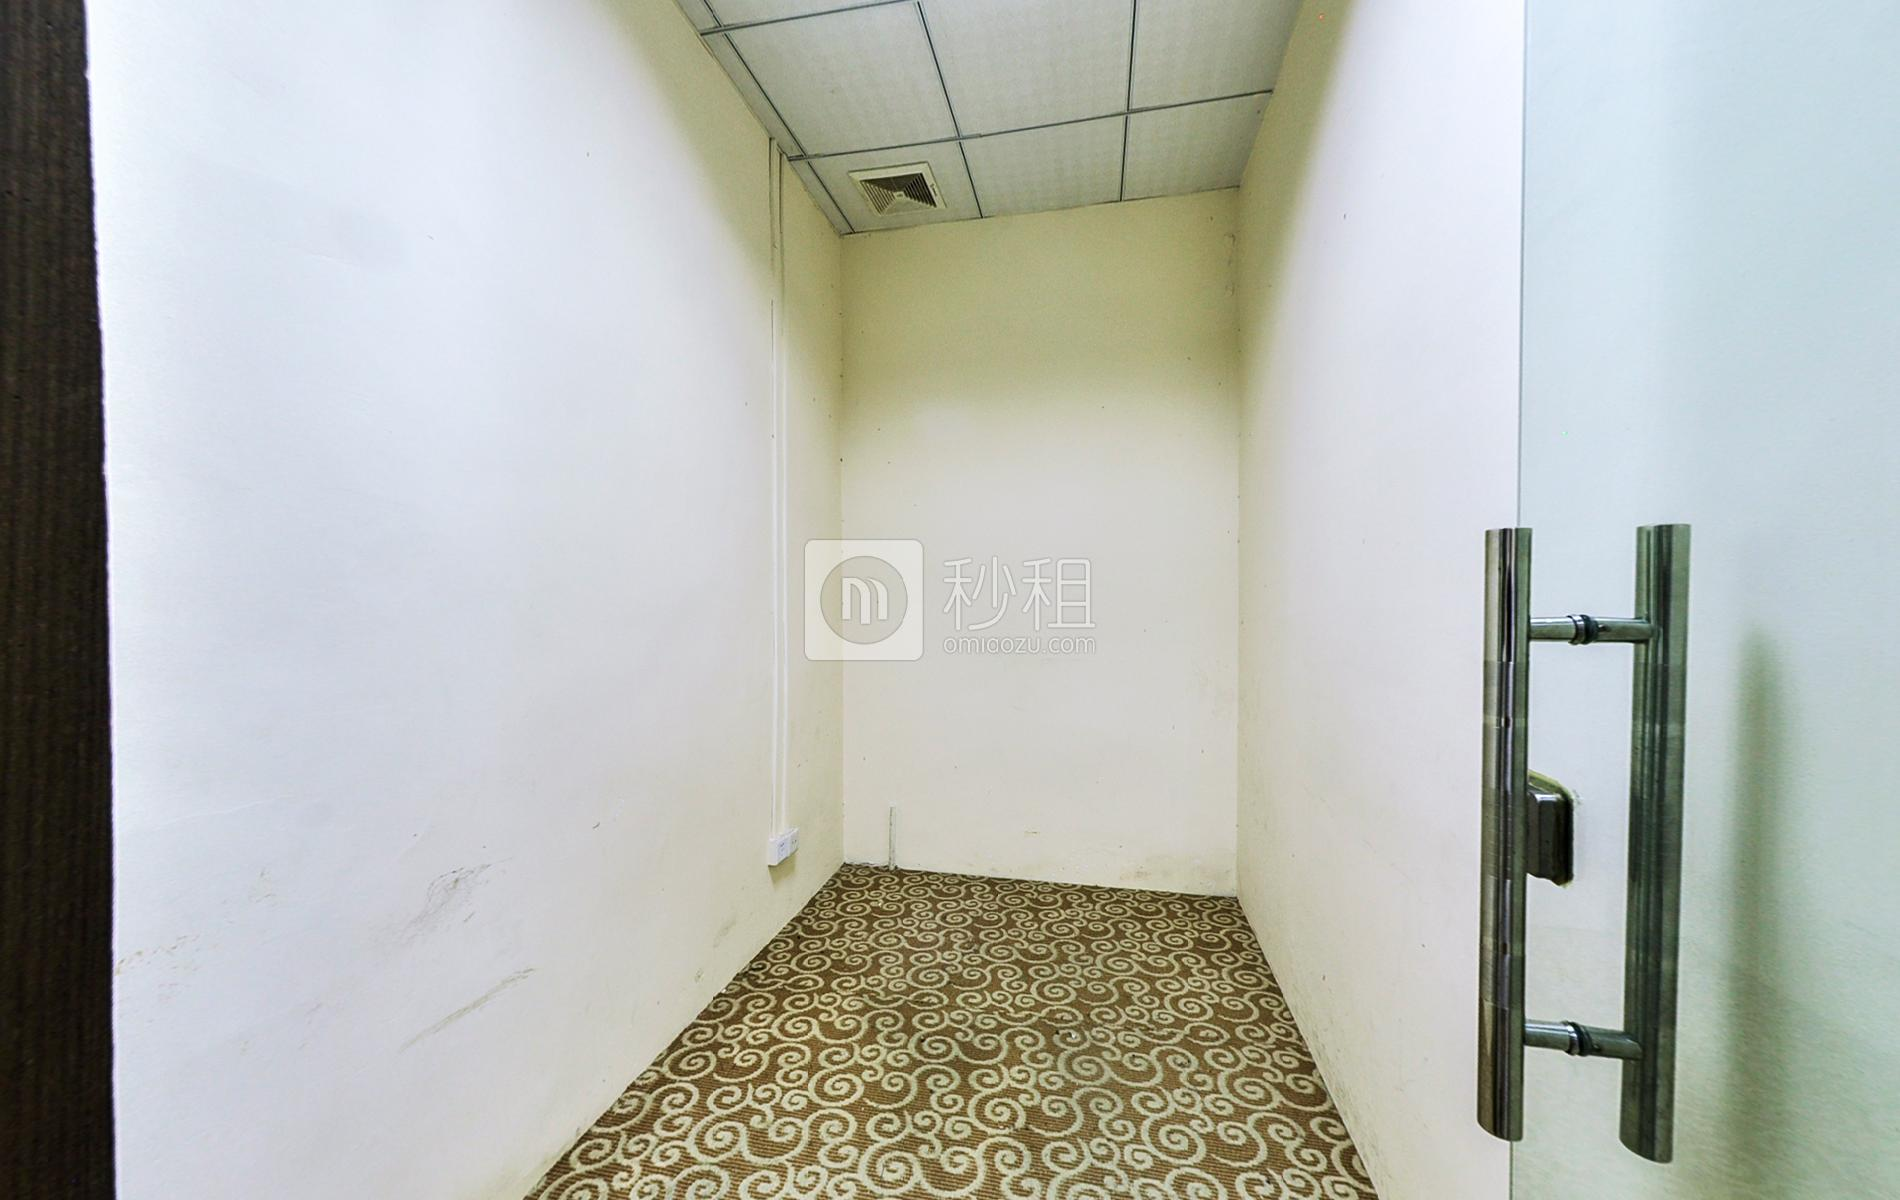 德信商务中心写字楼出租60平米精装办公室48元/m².月